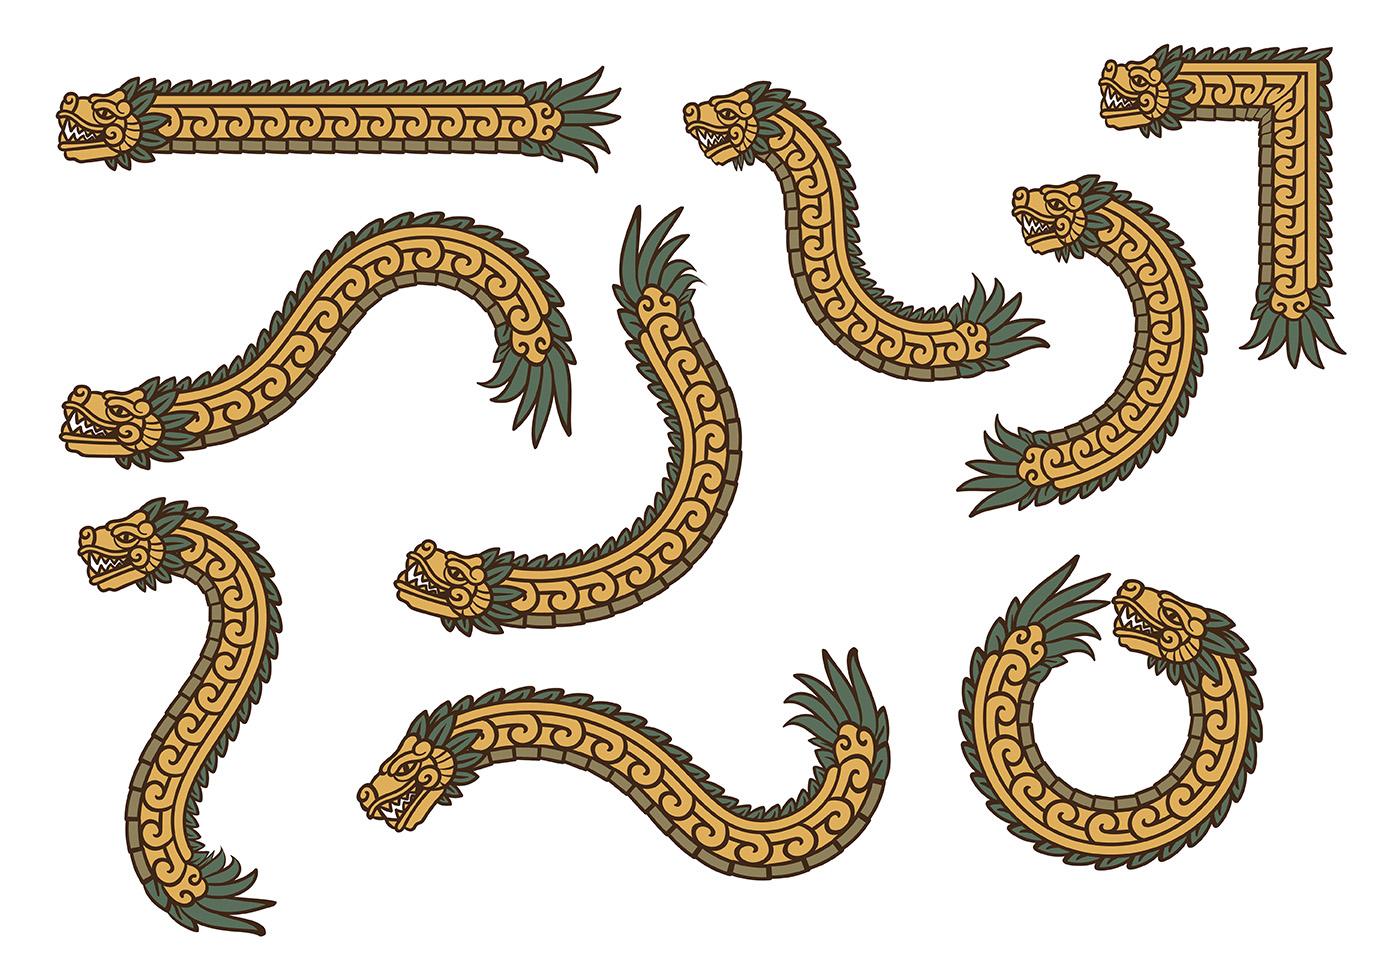 Gold Quetzalcoatl Vectors Free Download Vector Stock Image